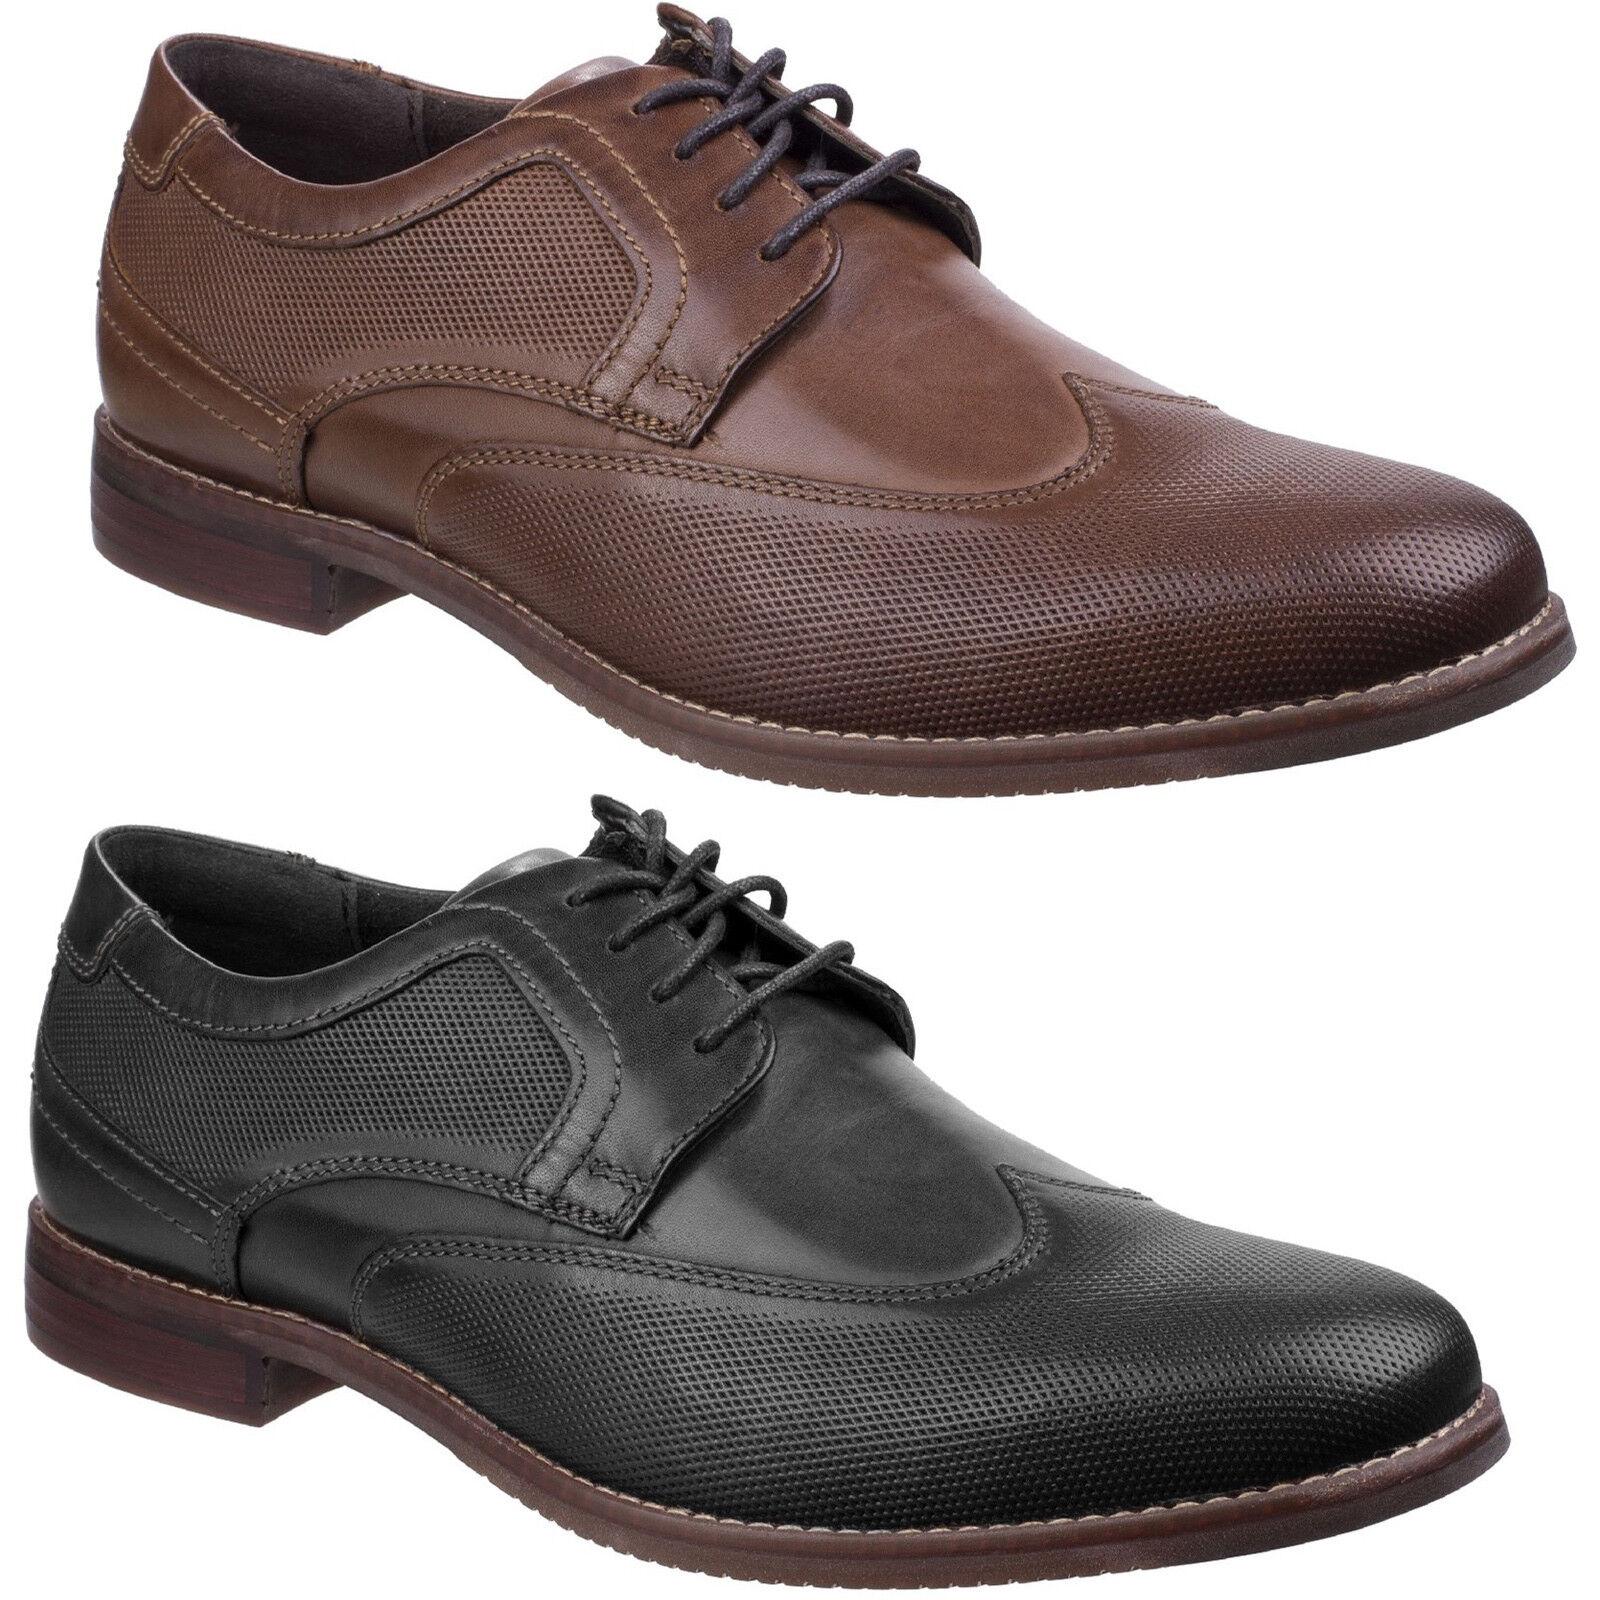 But Style Cuir Classique Bout En L'aile Rockport Chaussures Homme Perf De LAj5q34R